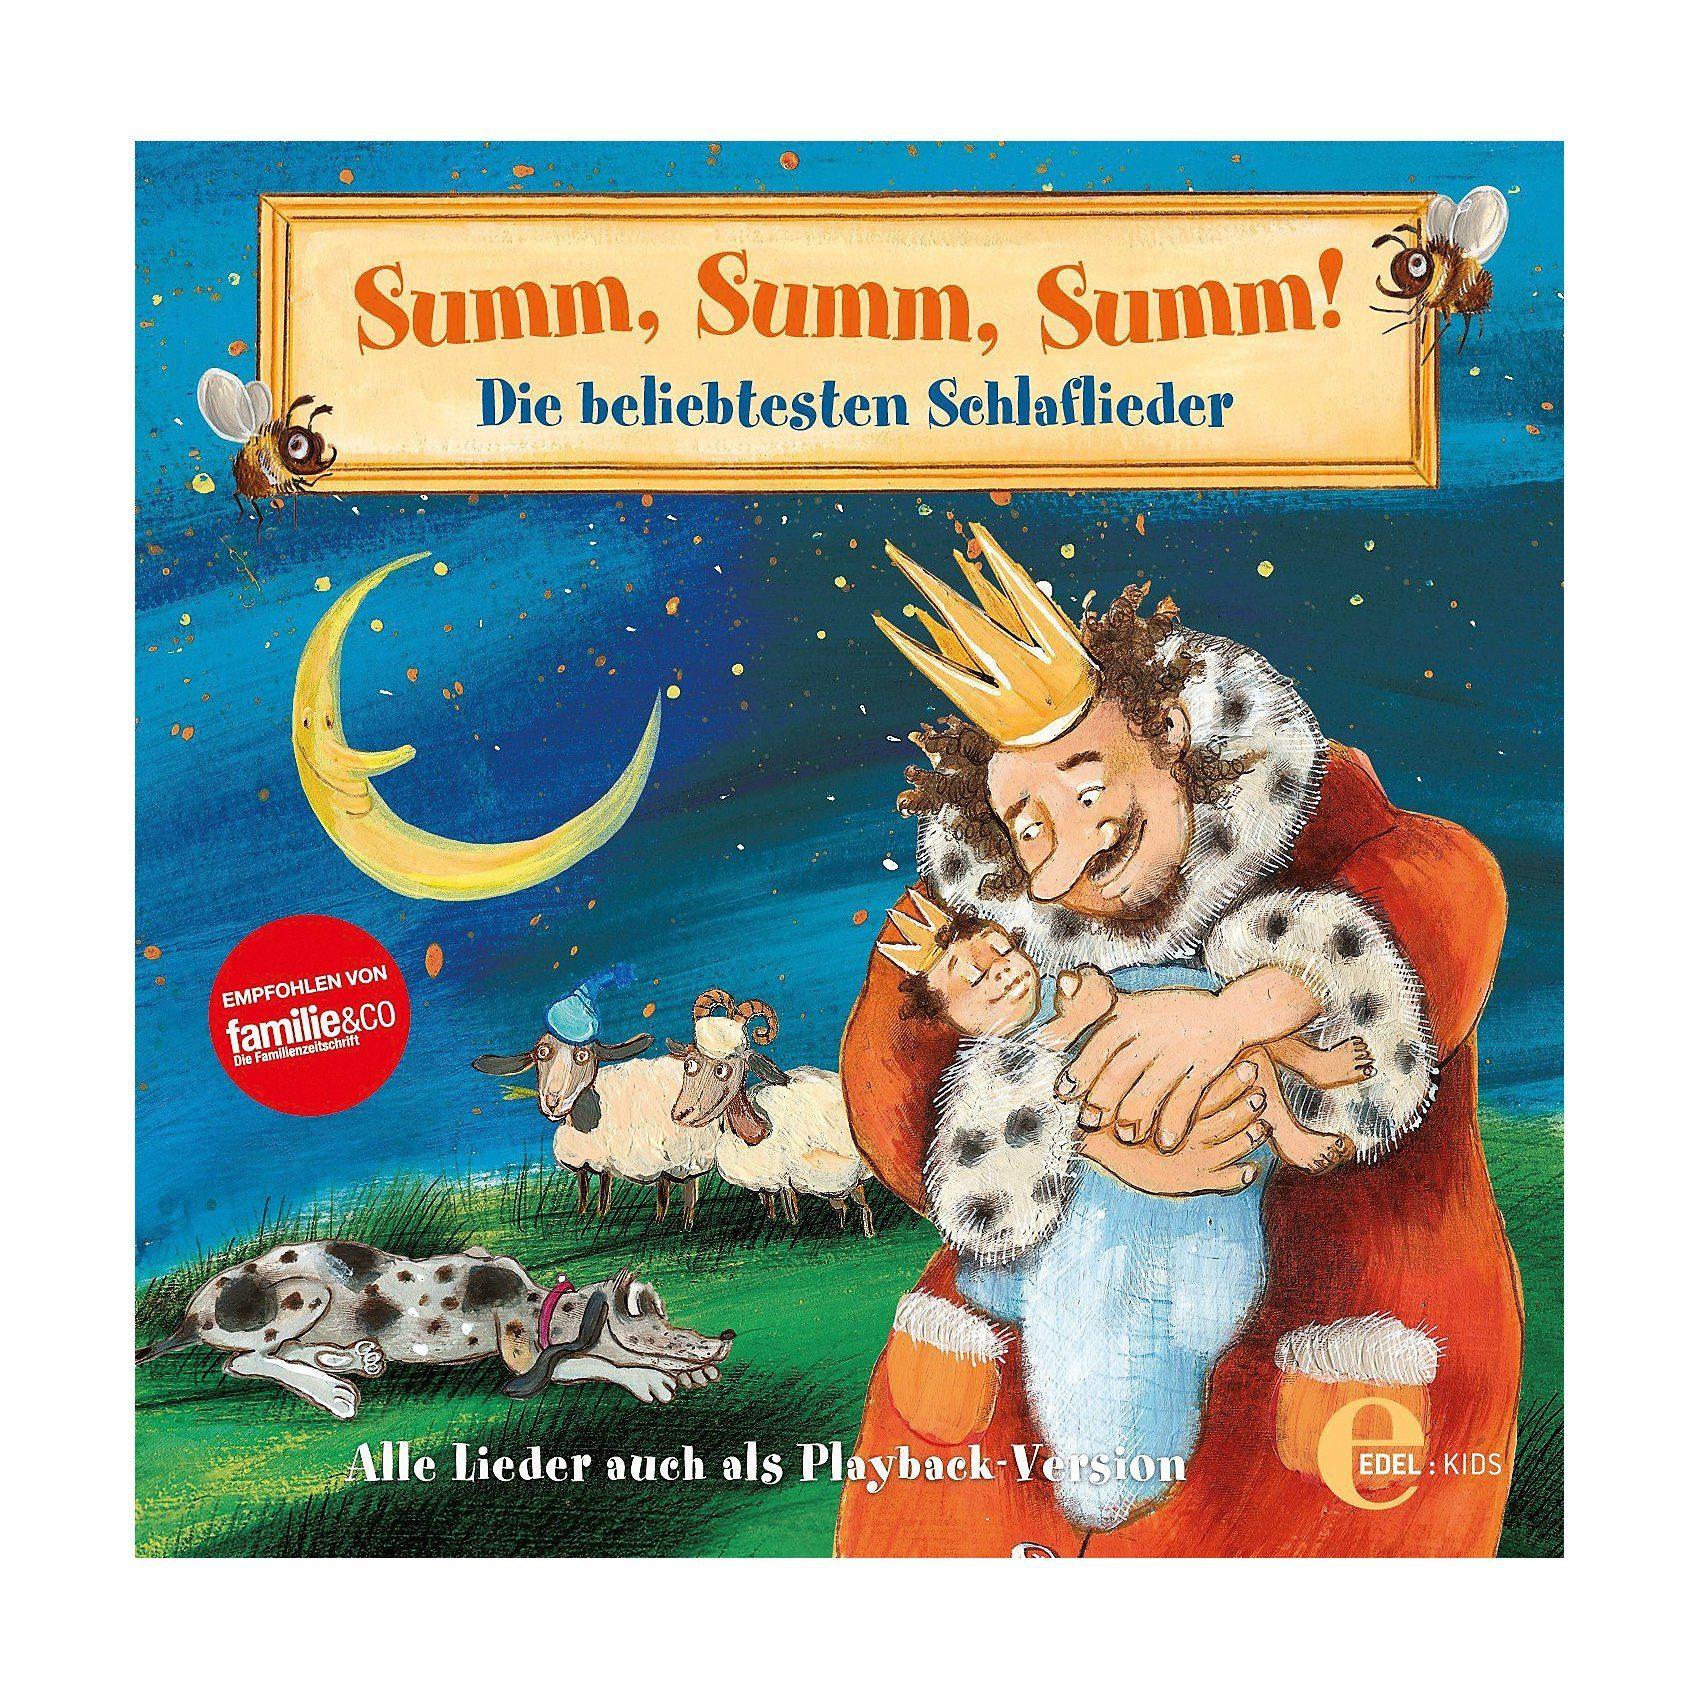 Edel CD Summ,Summ,Summ - Die beliebtesten Schlaflieder